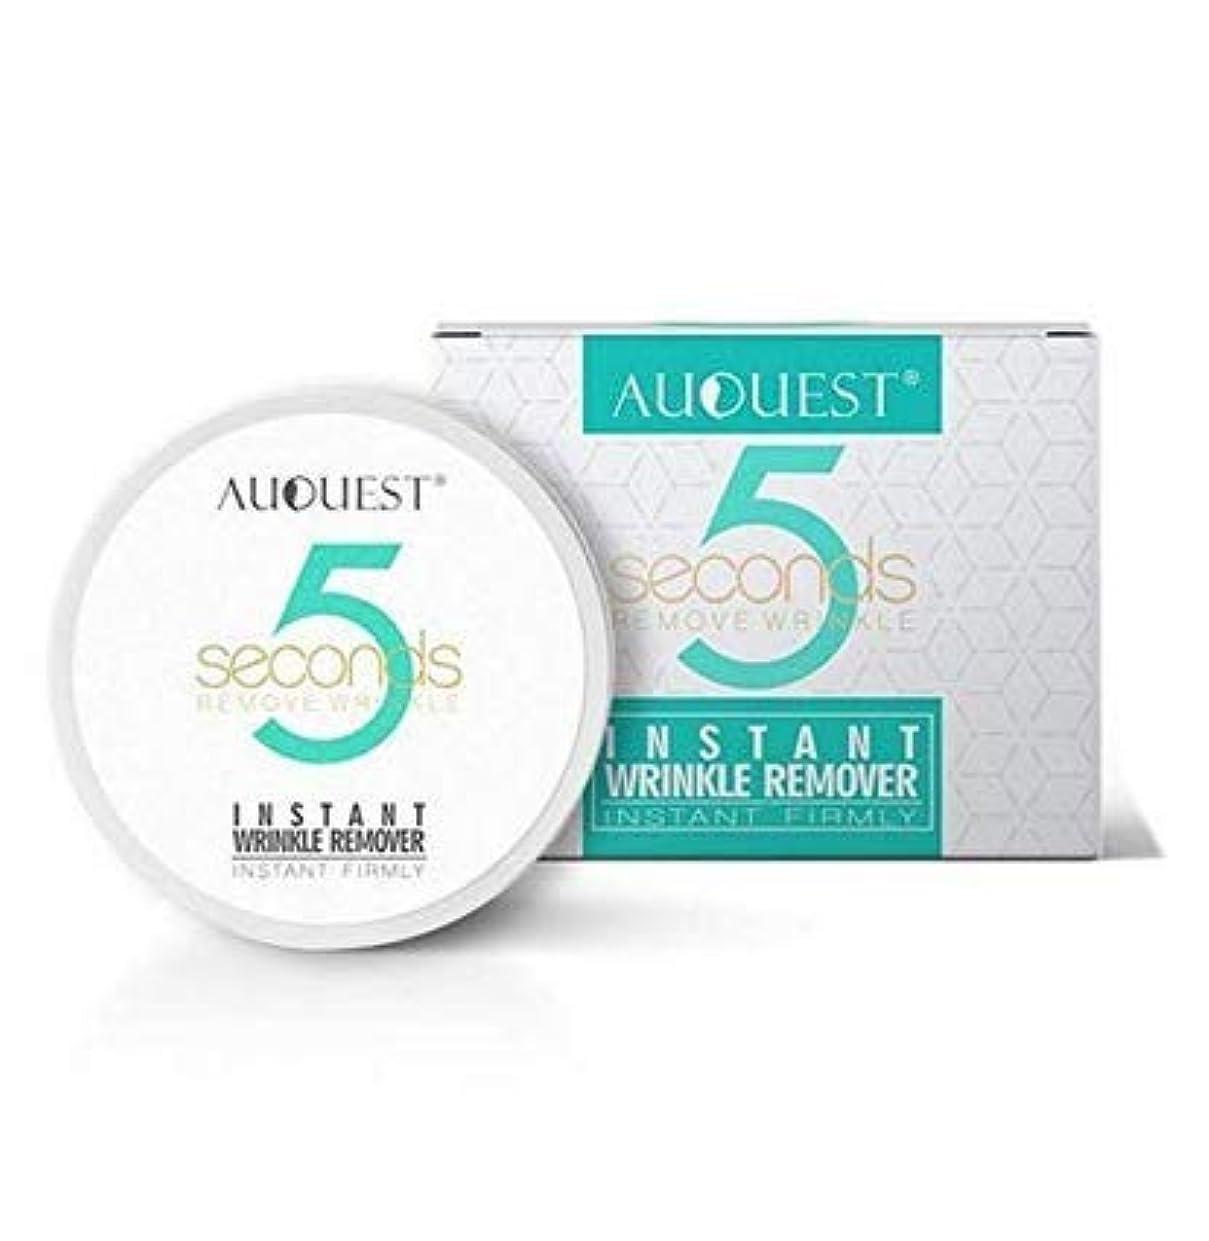 鎮痛剤ハードウェアマングルAuQuest 5秒 シワ取り クリーム シワ対策 リンクルクリーム 顔 目元 保湿 美容 美肌